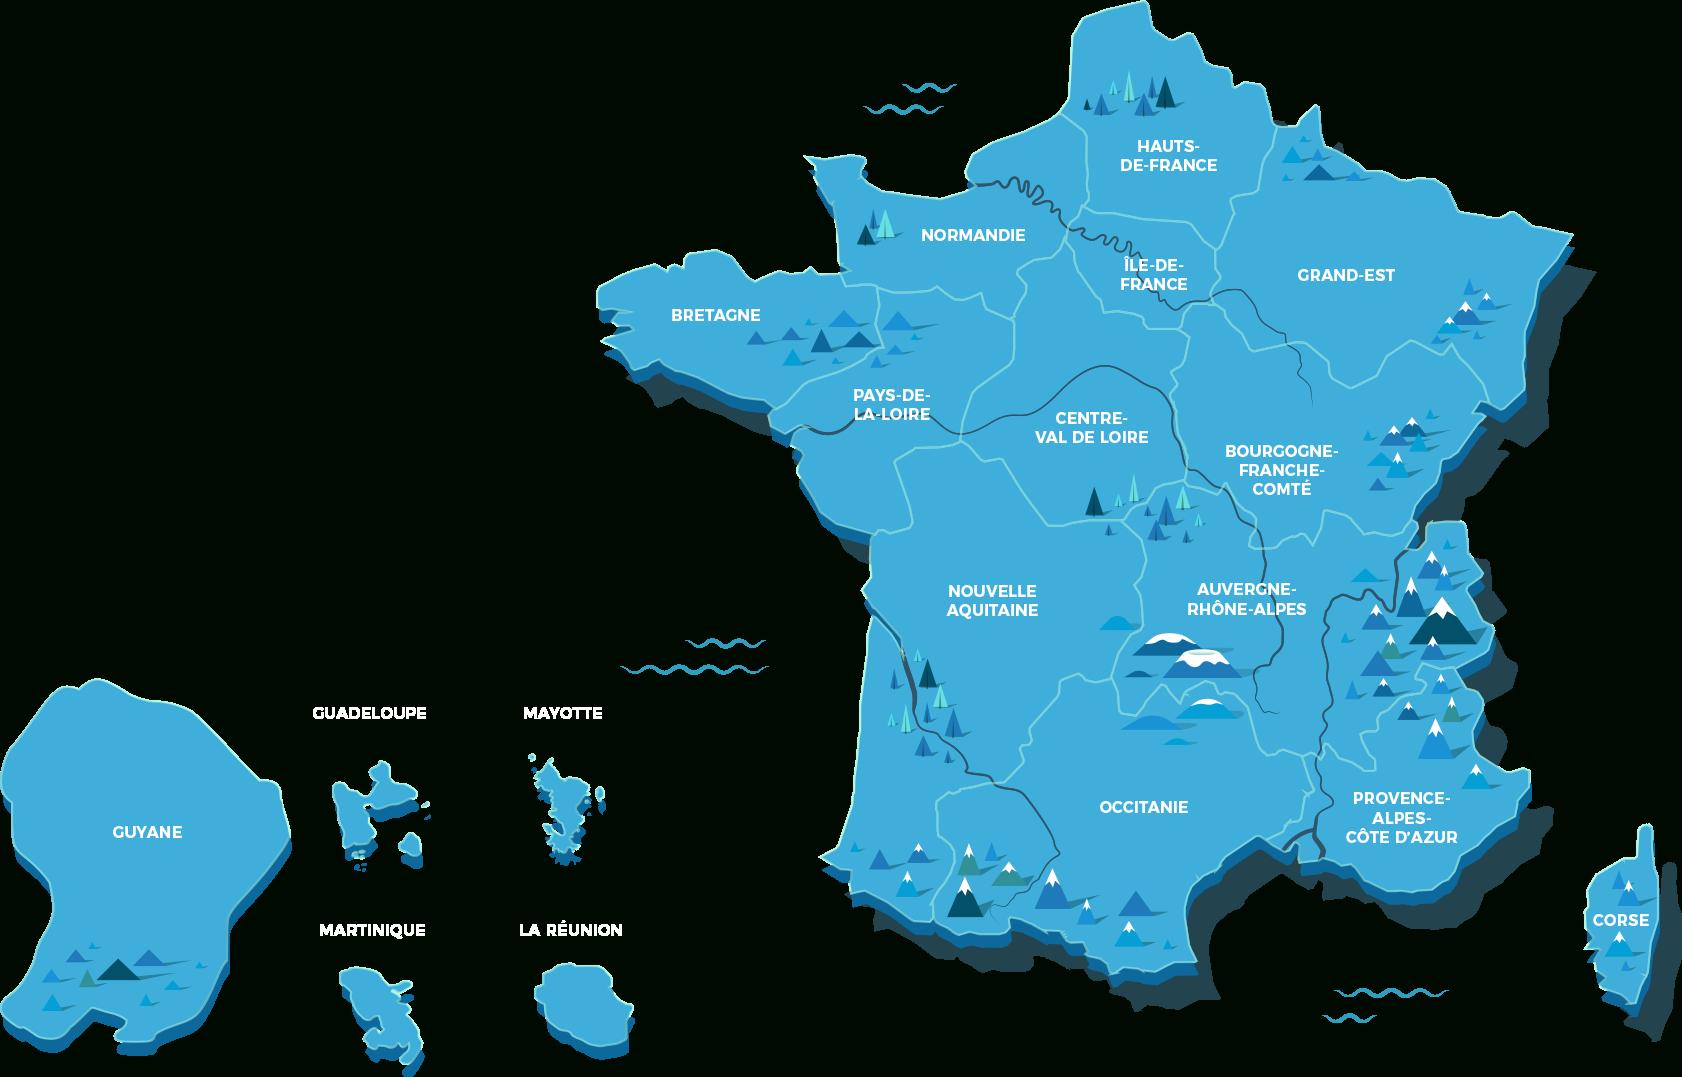 Les Régions De France - Jeu Géographie | Lumni destiné Les Régions De France Jeux